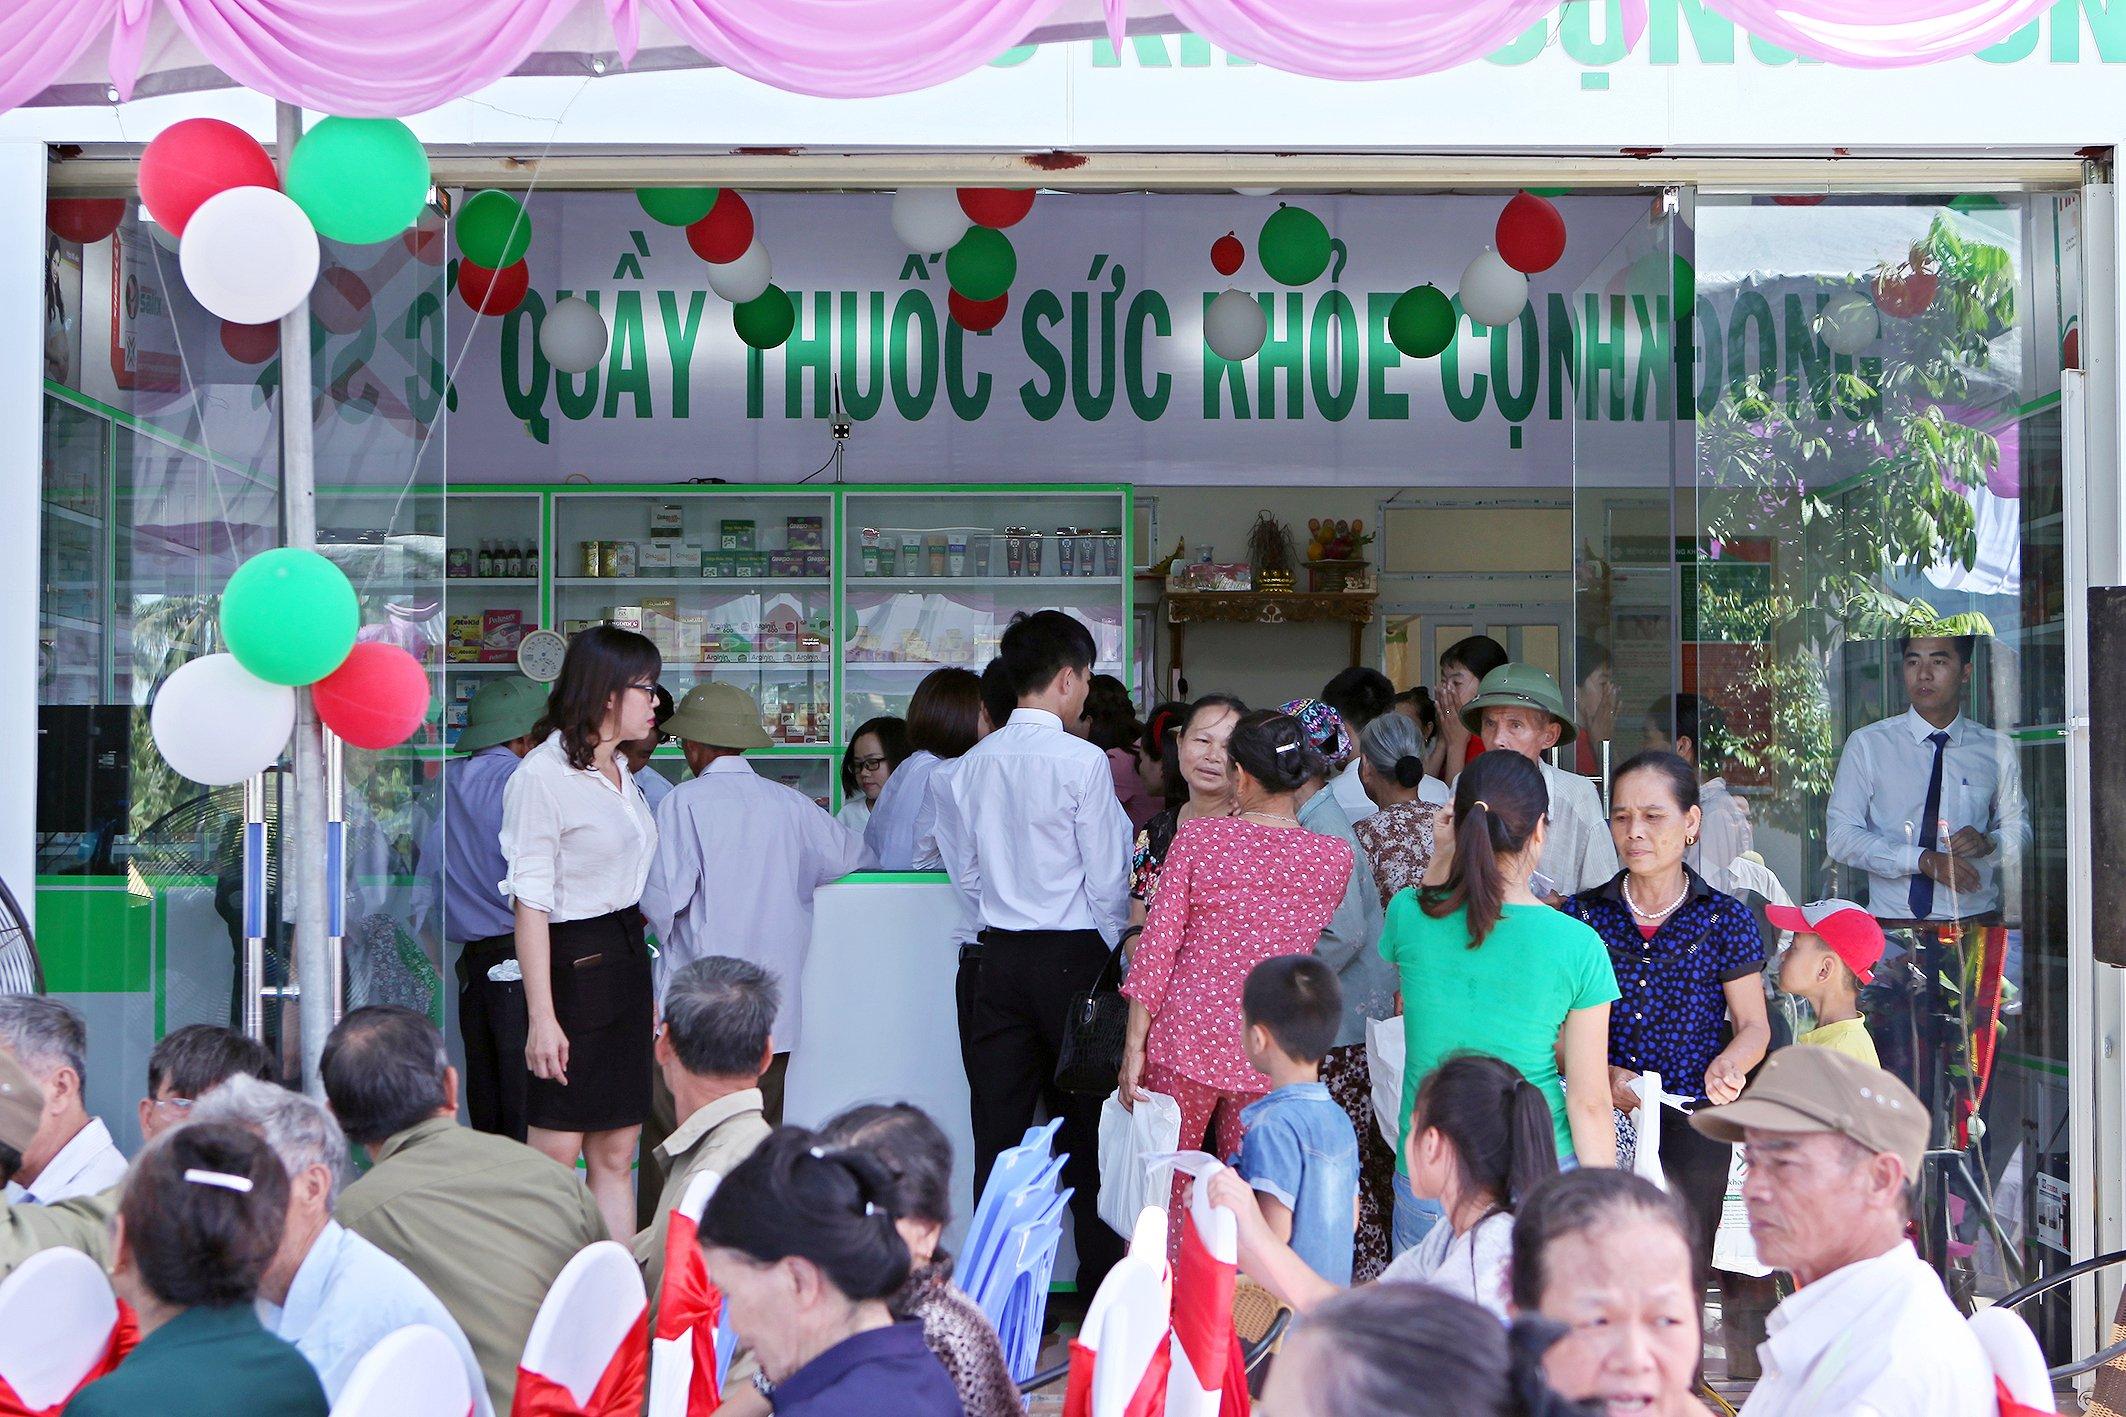 Tưng bừng khai trương quầy thuốc số 6 tại Thanh Hóa